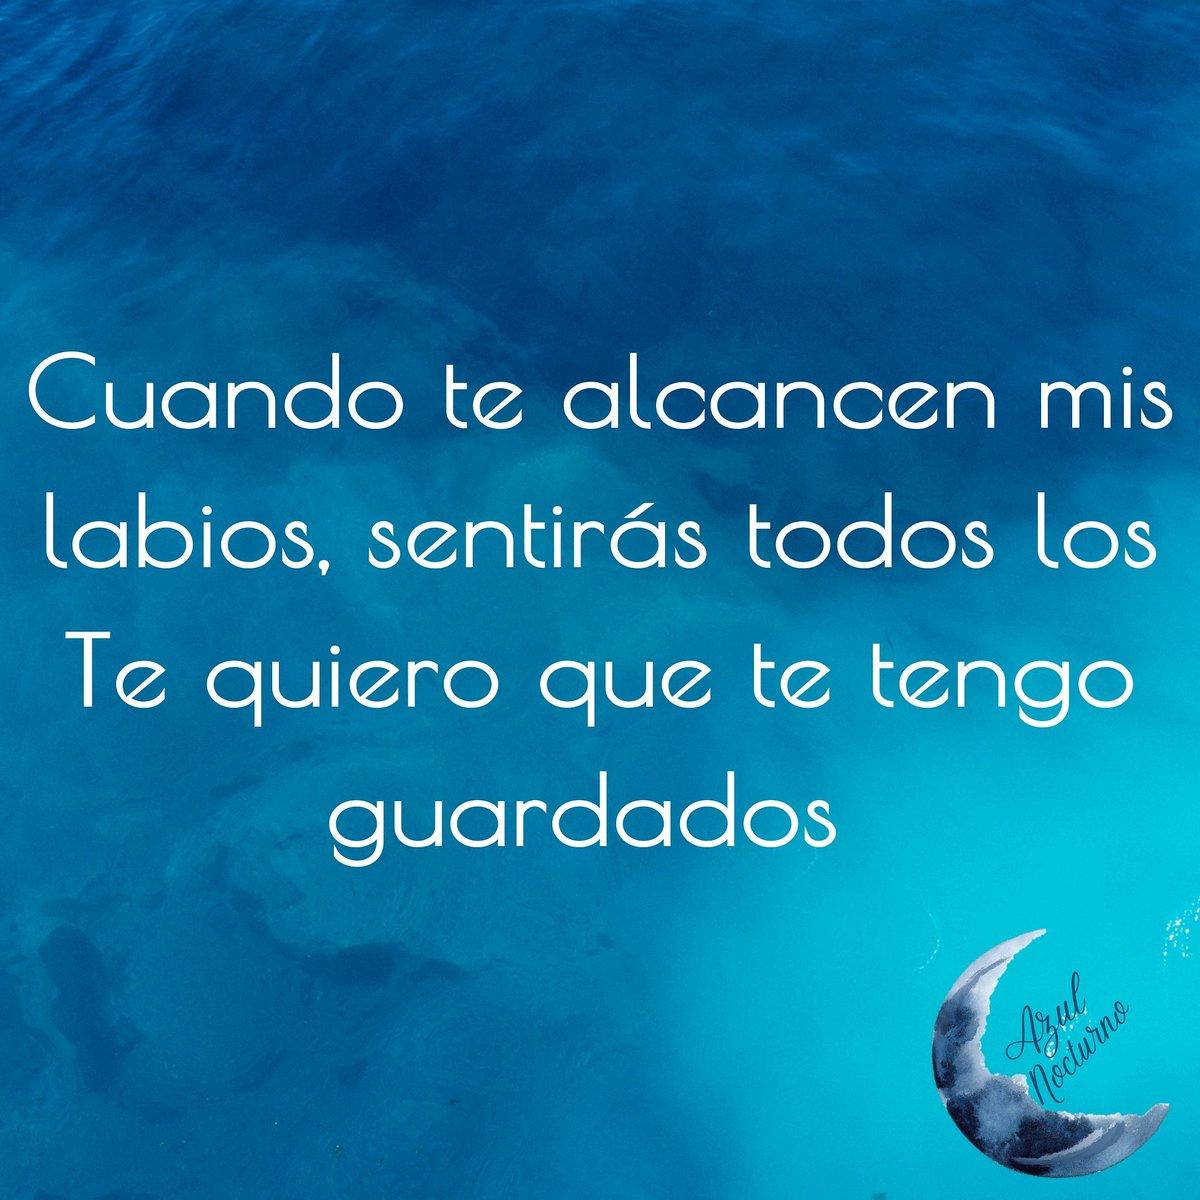 Entre otras cosas...  Lindo día corazones,  y ustedes... ¿ya alcanzaron esos labios? #LetrasEnEspañol #Escritores #Poem #InstaFrases  #FrasesDelDia #Poesía #AzulNocturnoPoesía  #Letras #Frases #BuenDiaCorazones #IntentoDePoeta #Cuarentena  #labios #tequiero #guardados #romance